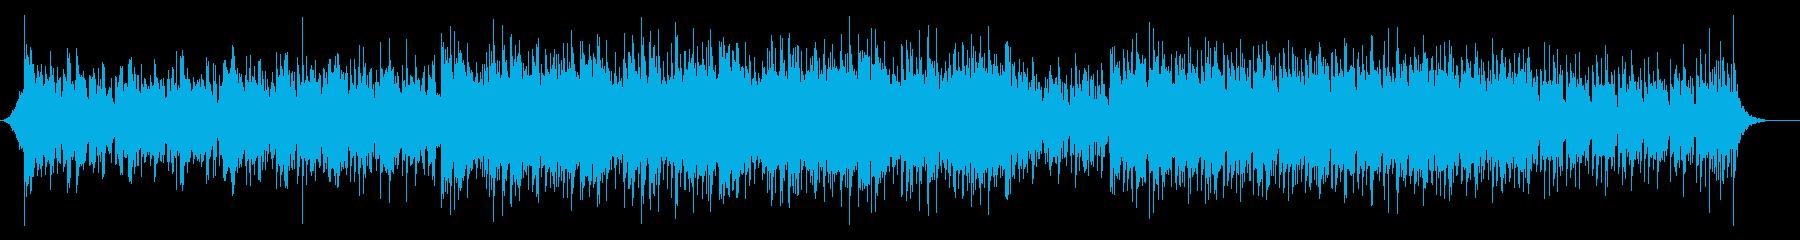 和楽器&シンセのモダン和風エレクトロの再生済みの波形